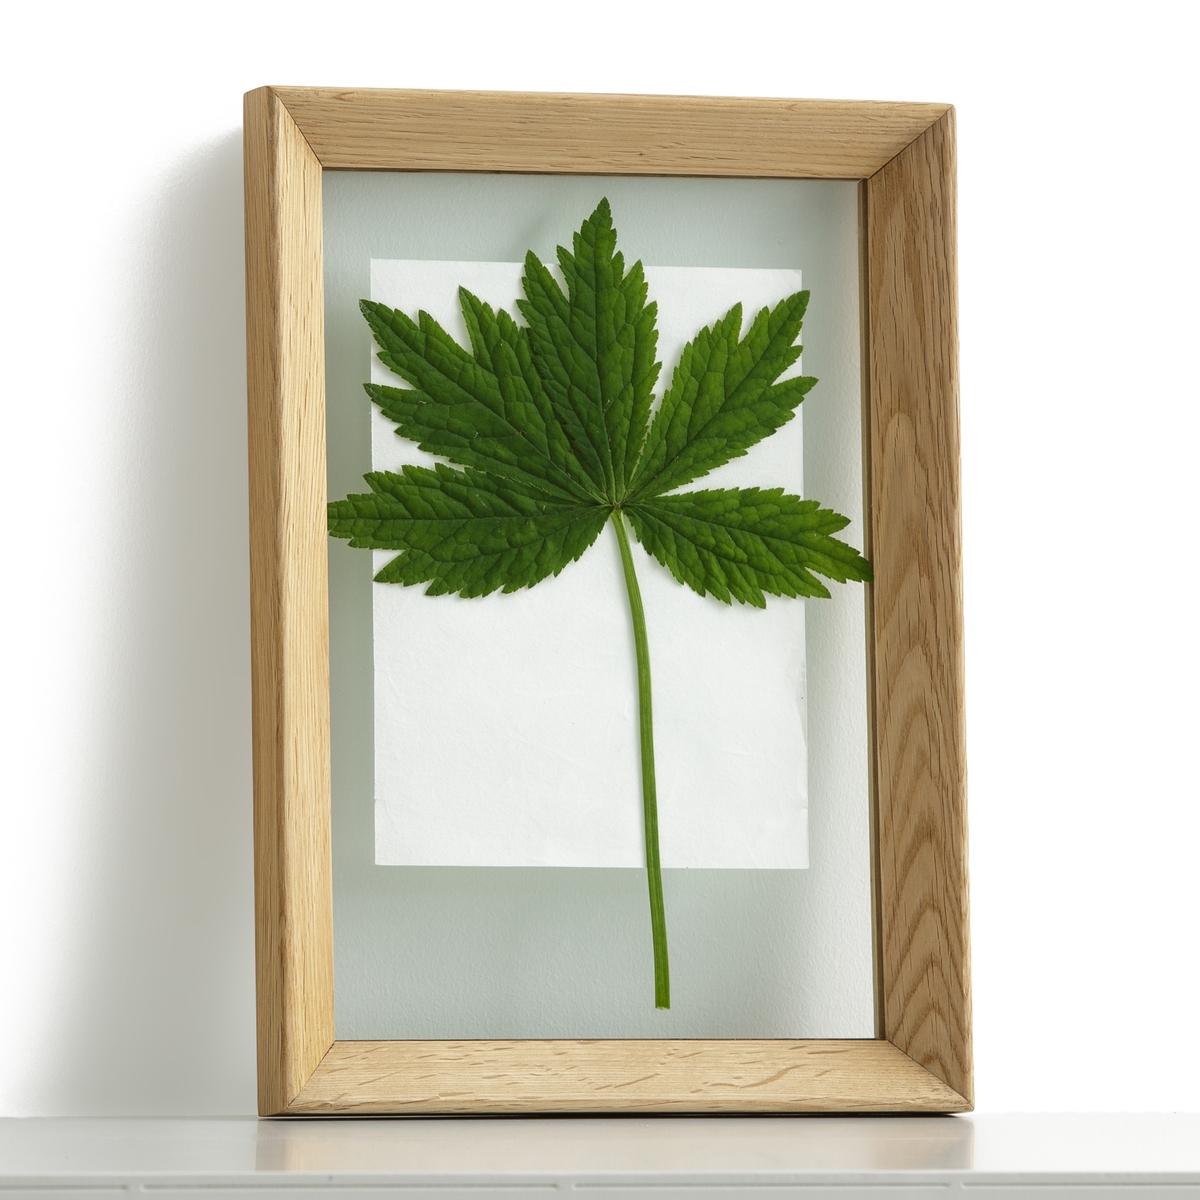 Рамка из двойного стекла L25xH35 см, Moricey рамка д настенного крепления панелей awenta rw100